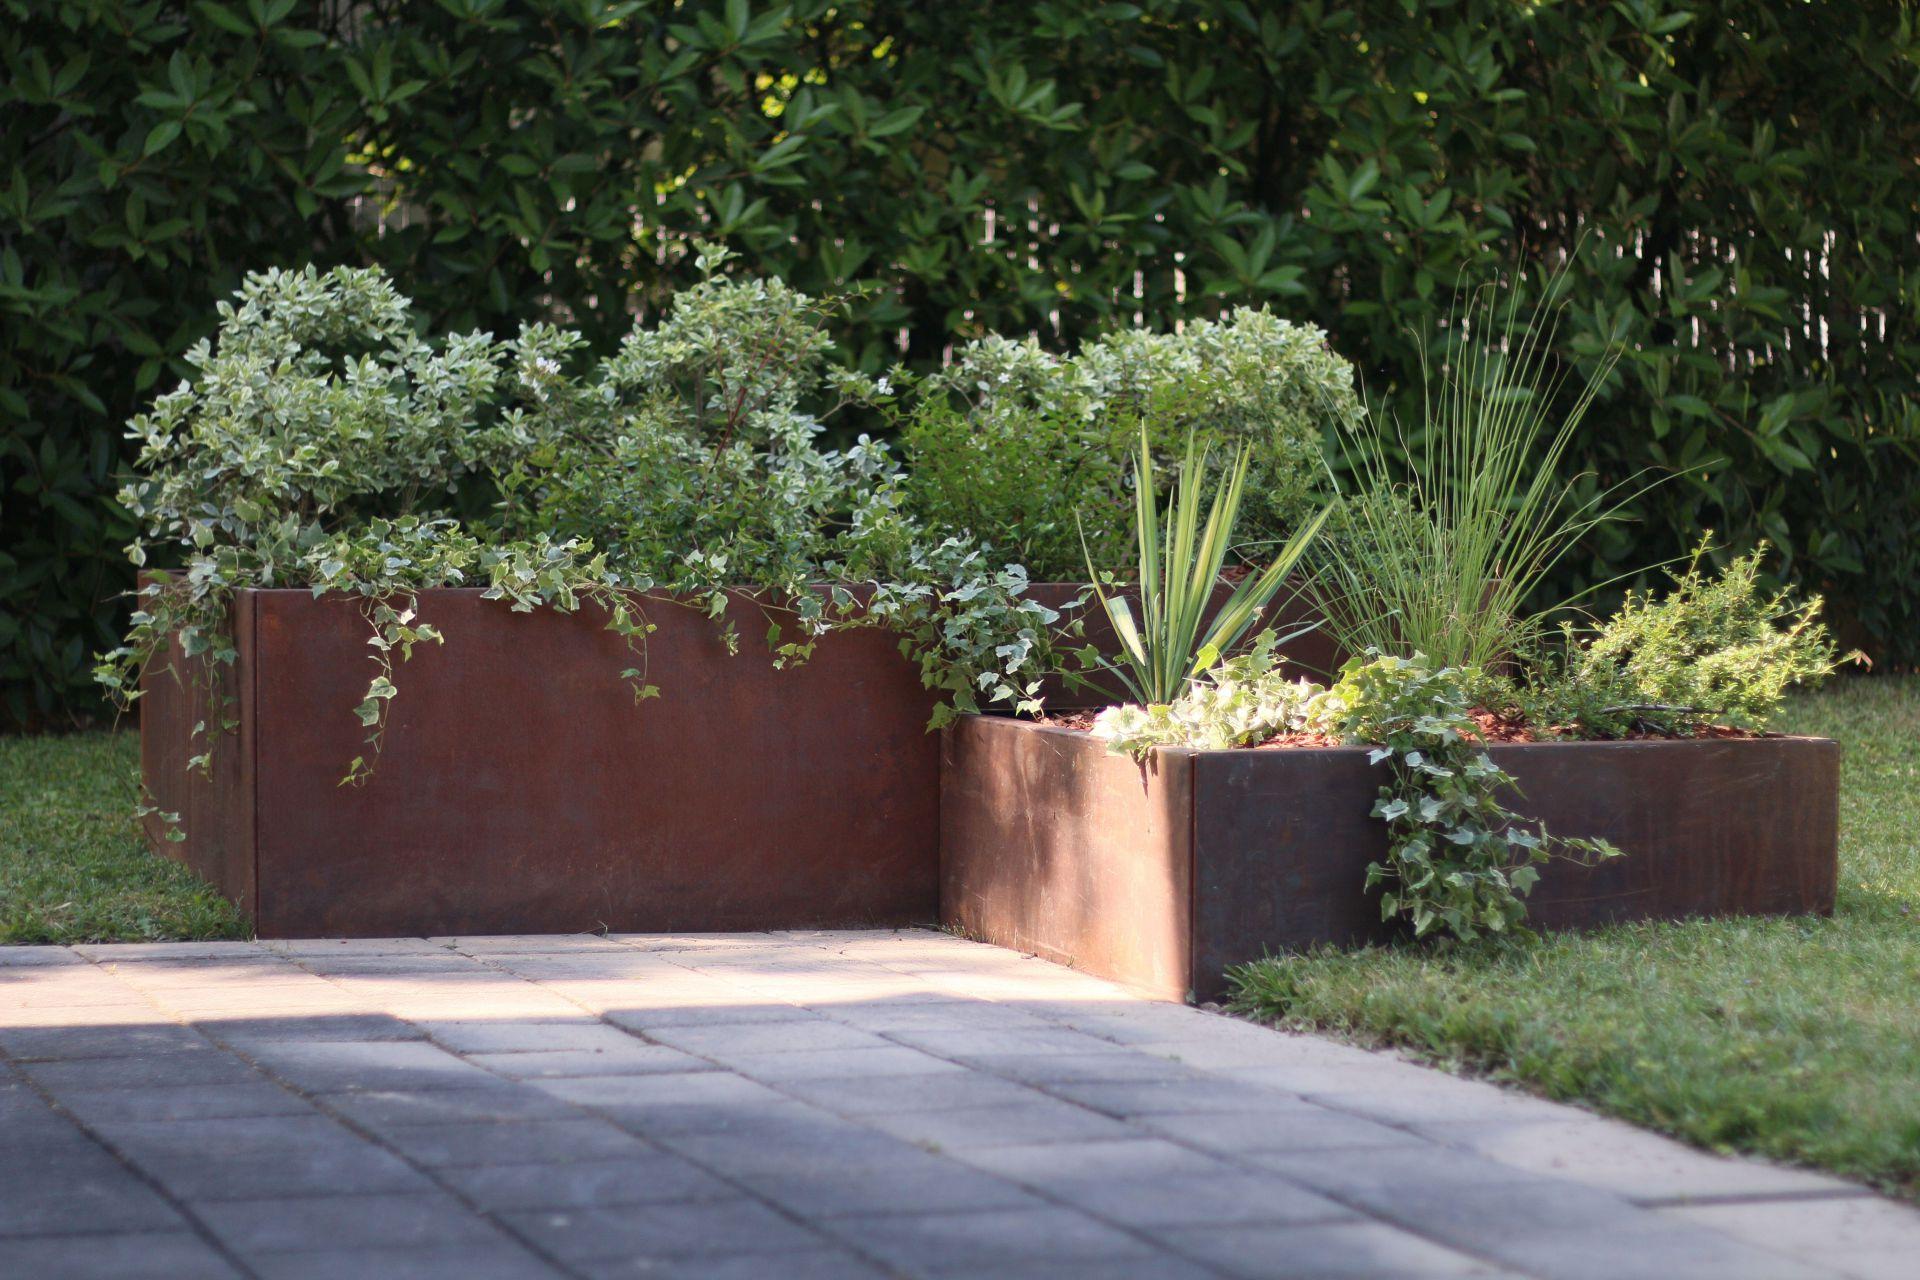 La fioriera per l'orto di giardino di Hometrèschic